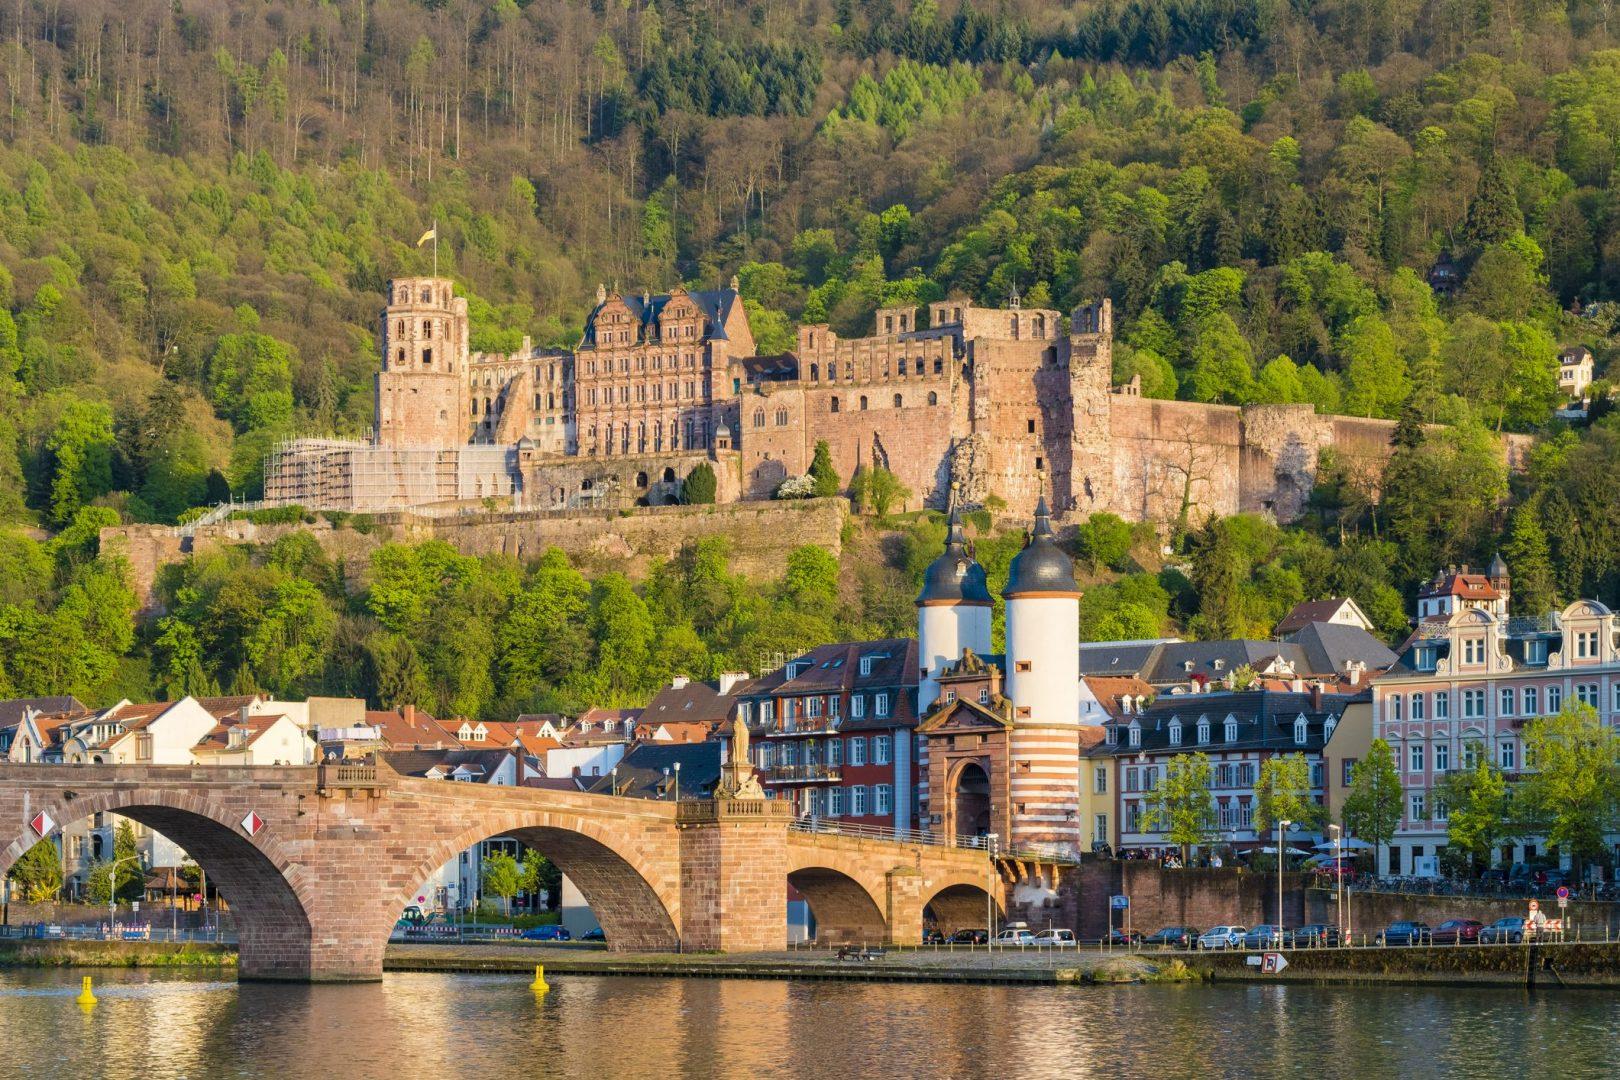 Heidelberg Castle, Baden-Württemberg